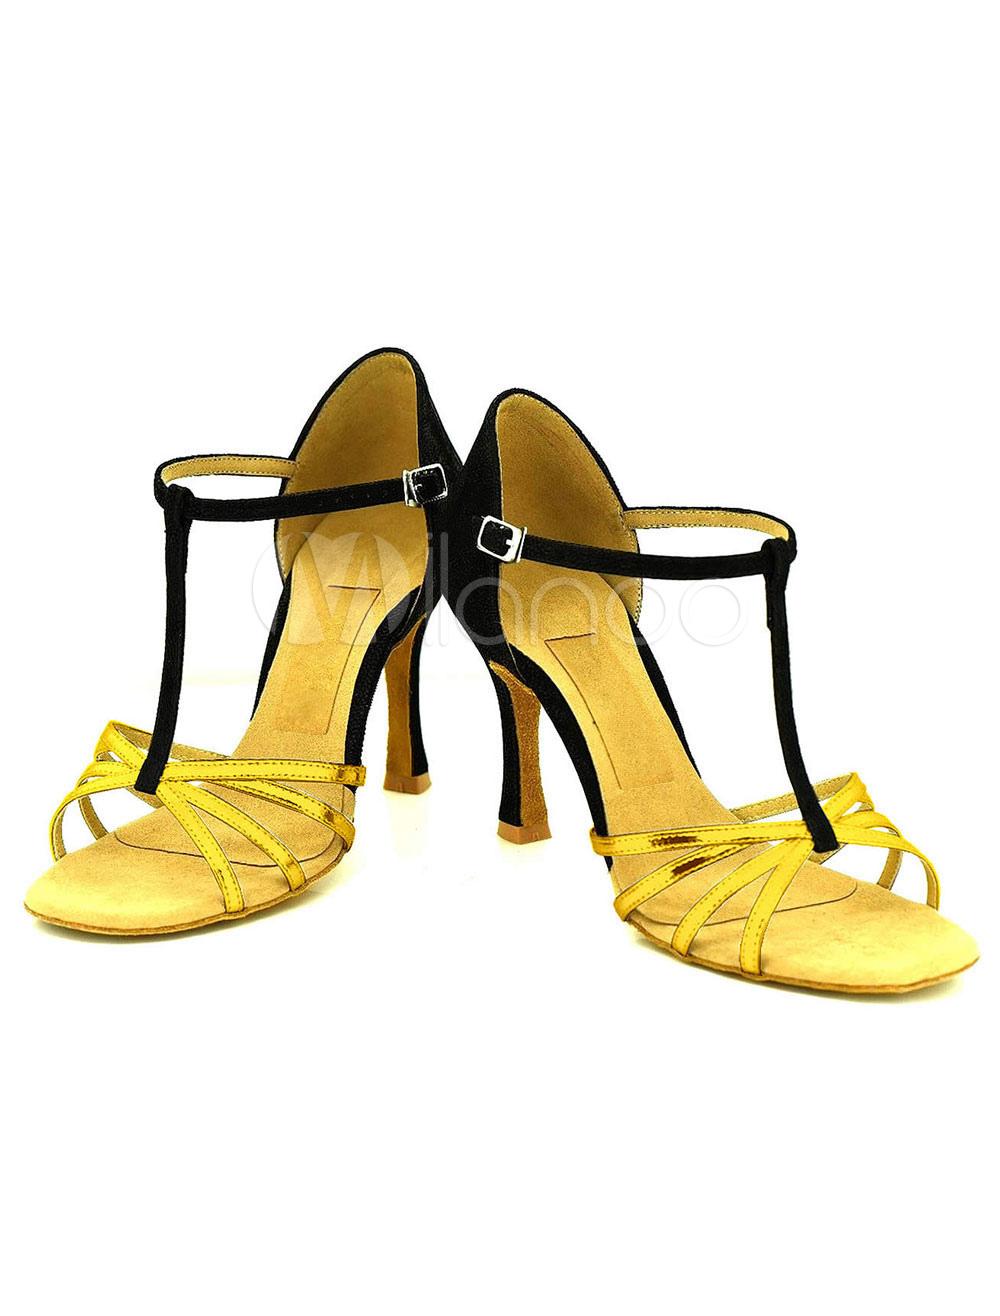 Baile zapatos del alto talón dos colores correa de las mujeres modificado para requisitos particulares zapatos de salón de baile agh57Znna